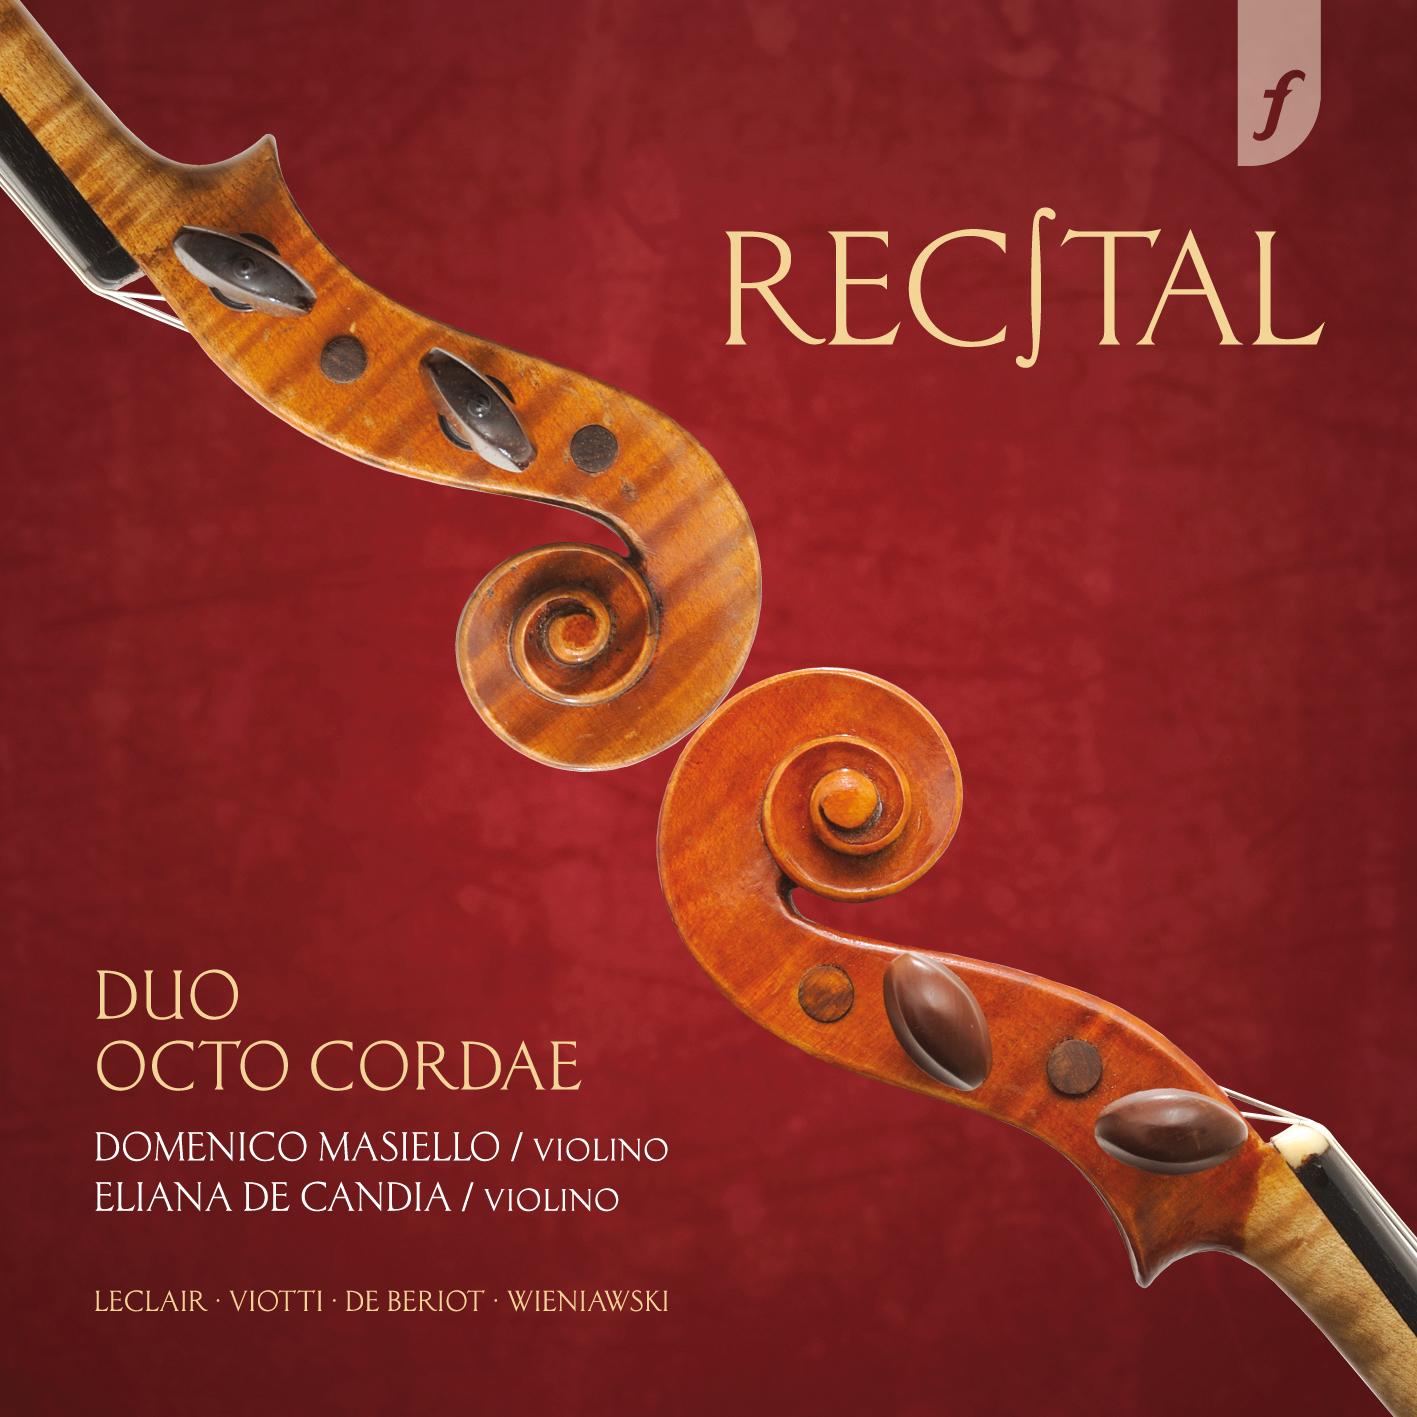 Duo Octo Cordae | Recital | Farelive